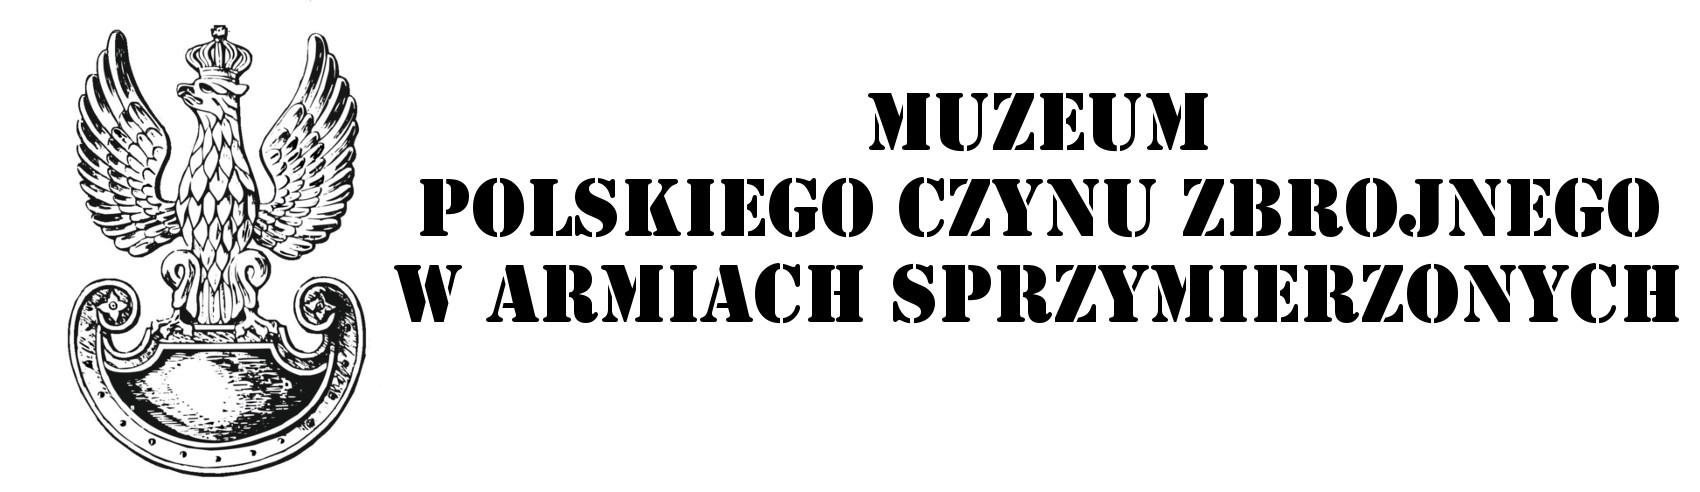 Muzeum Polskiego Czynu Zbrojnego